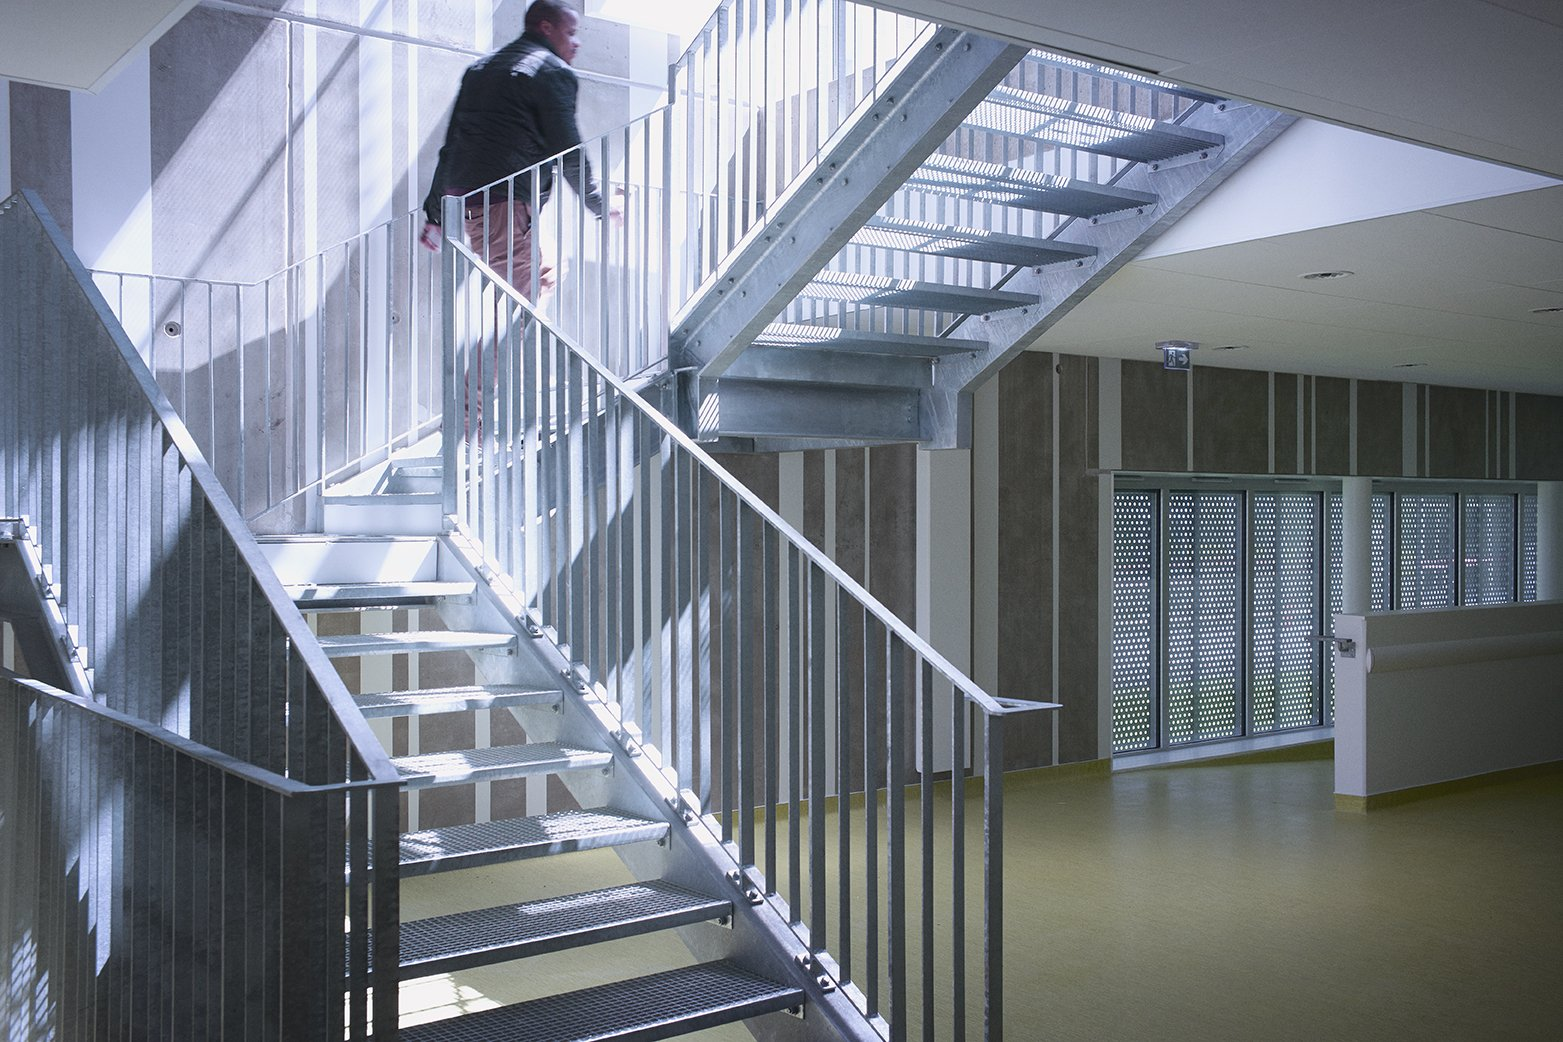 https://www.transform-architecture.com/wp-content/uploads/2020/12/TRANSFORM-Centre-exploration-fonctionnelle-Jussieu-16.jpg